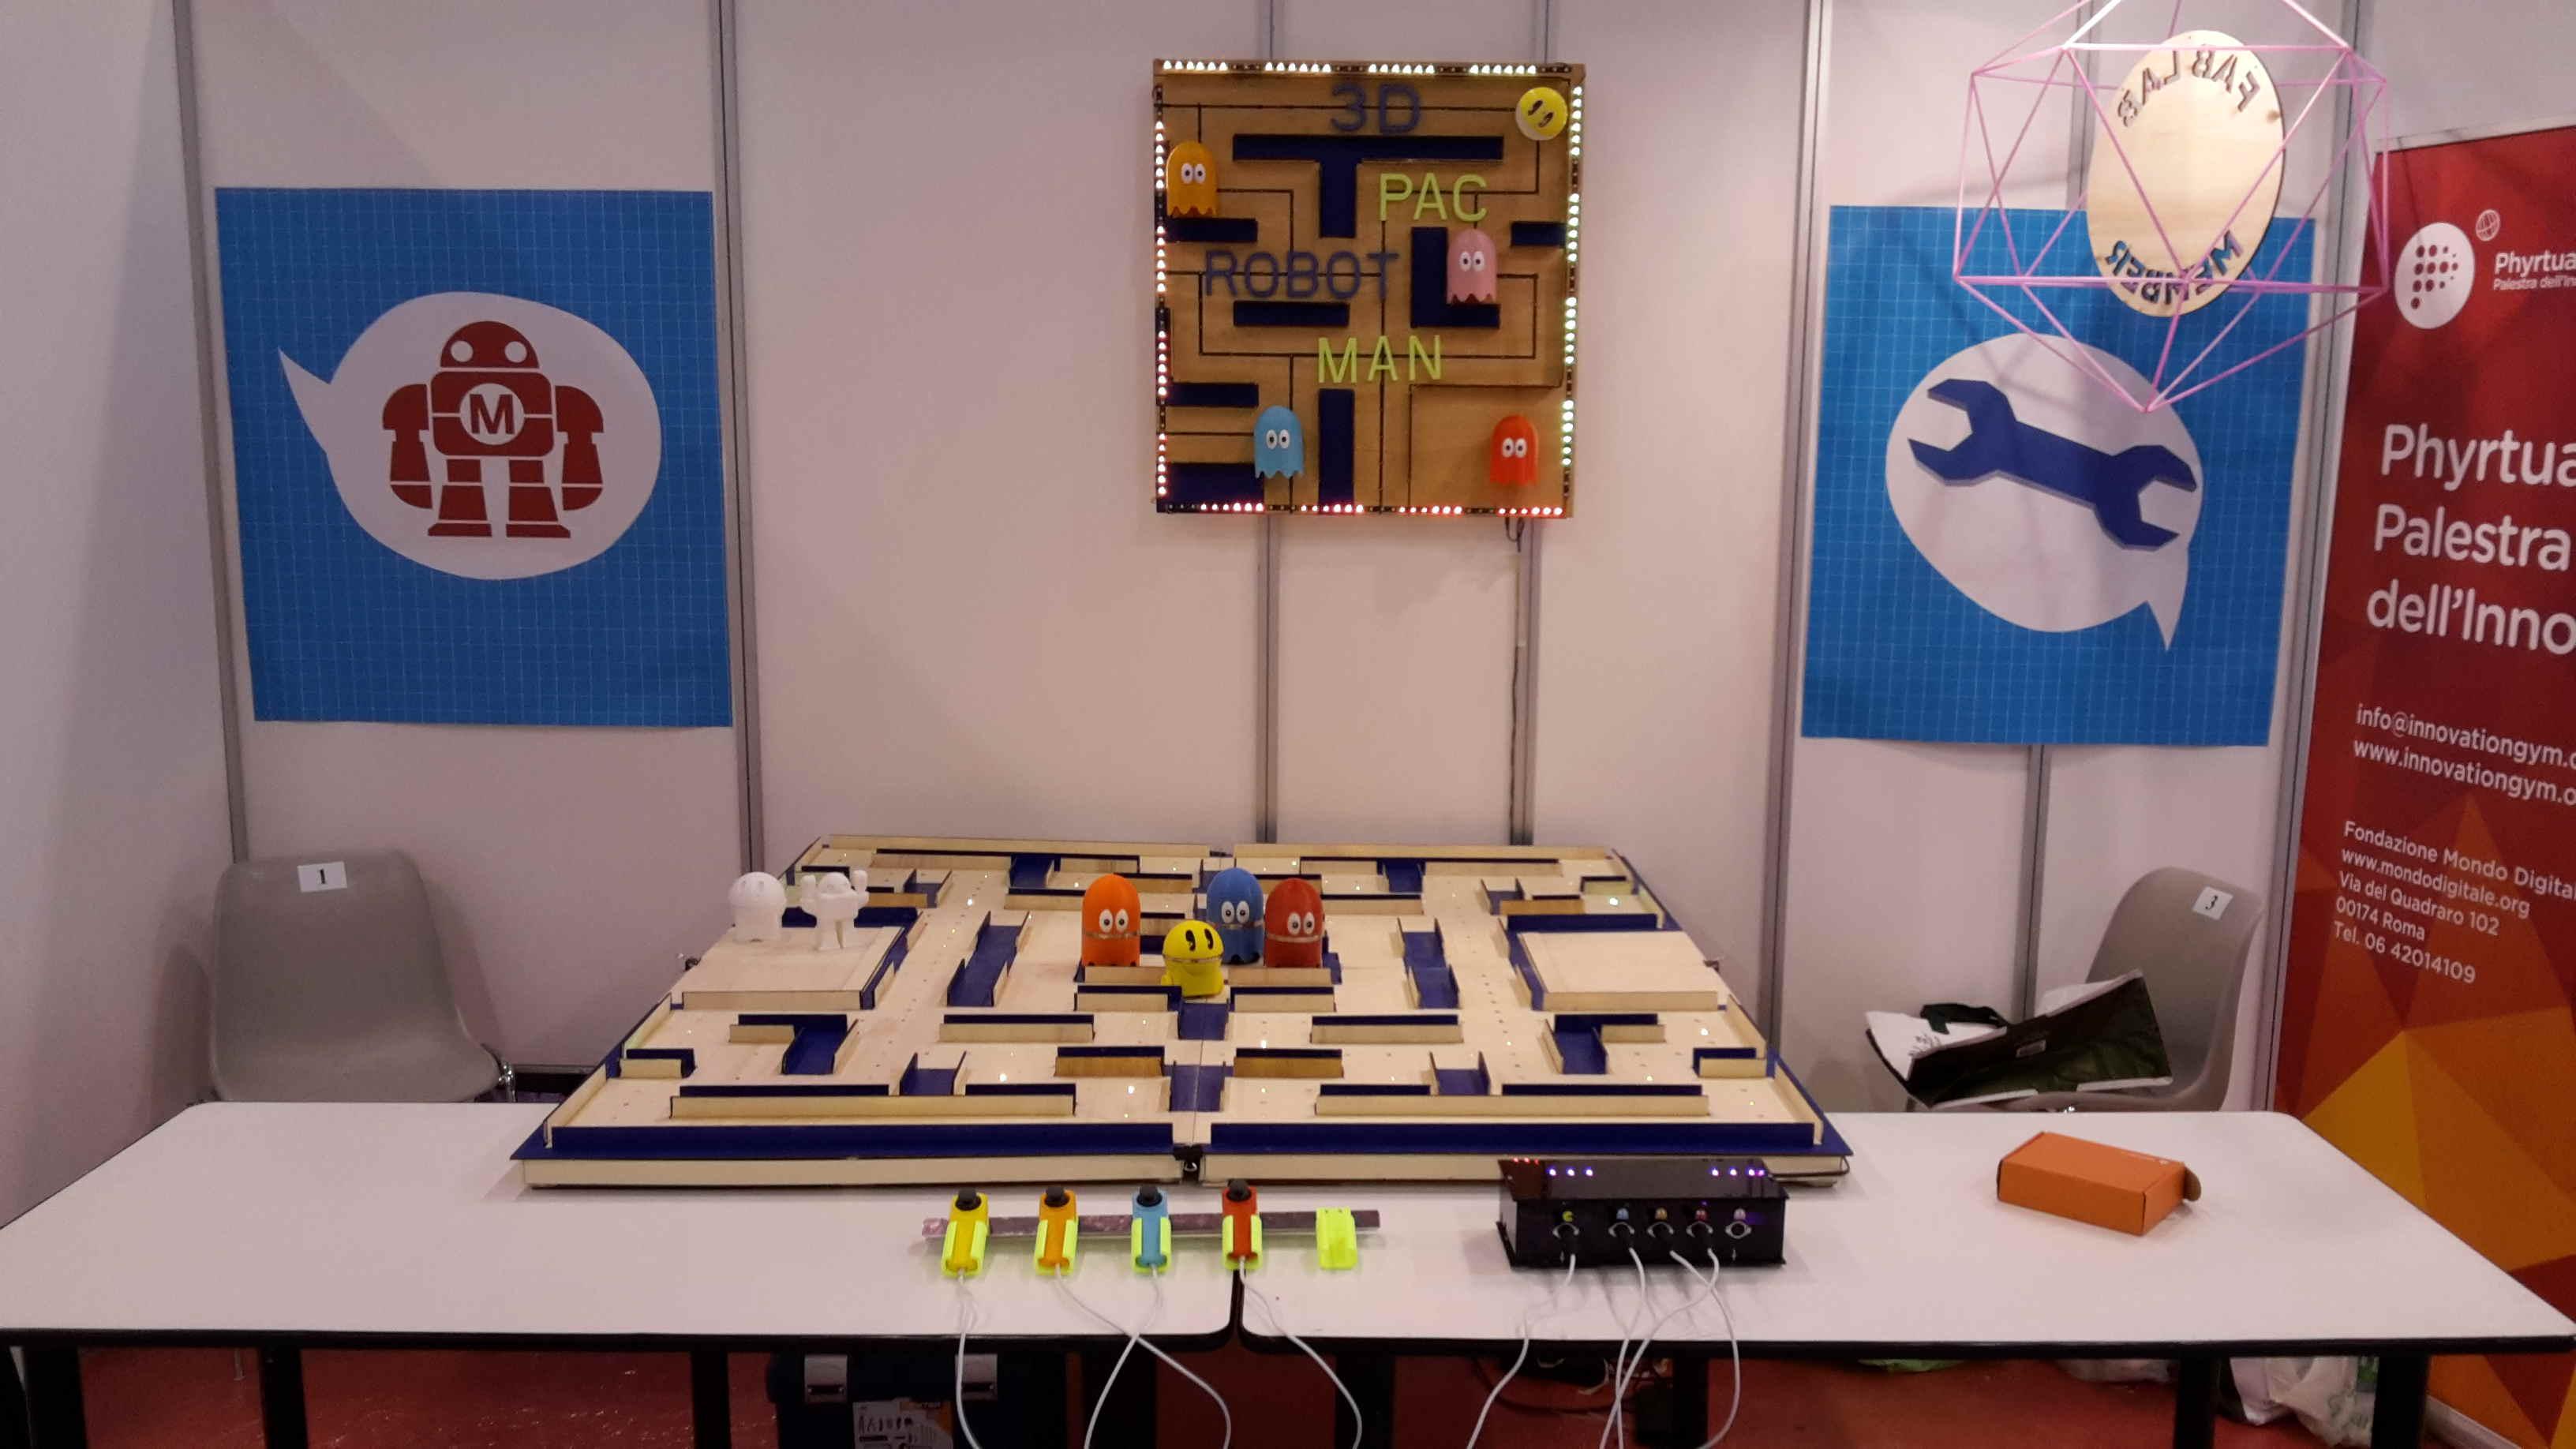 3D PAC ROBOT MAN